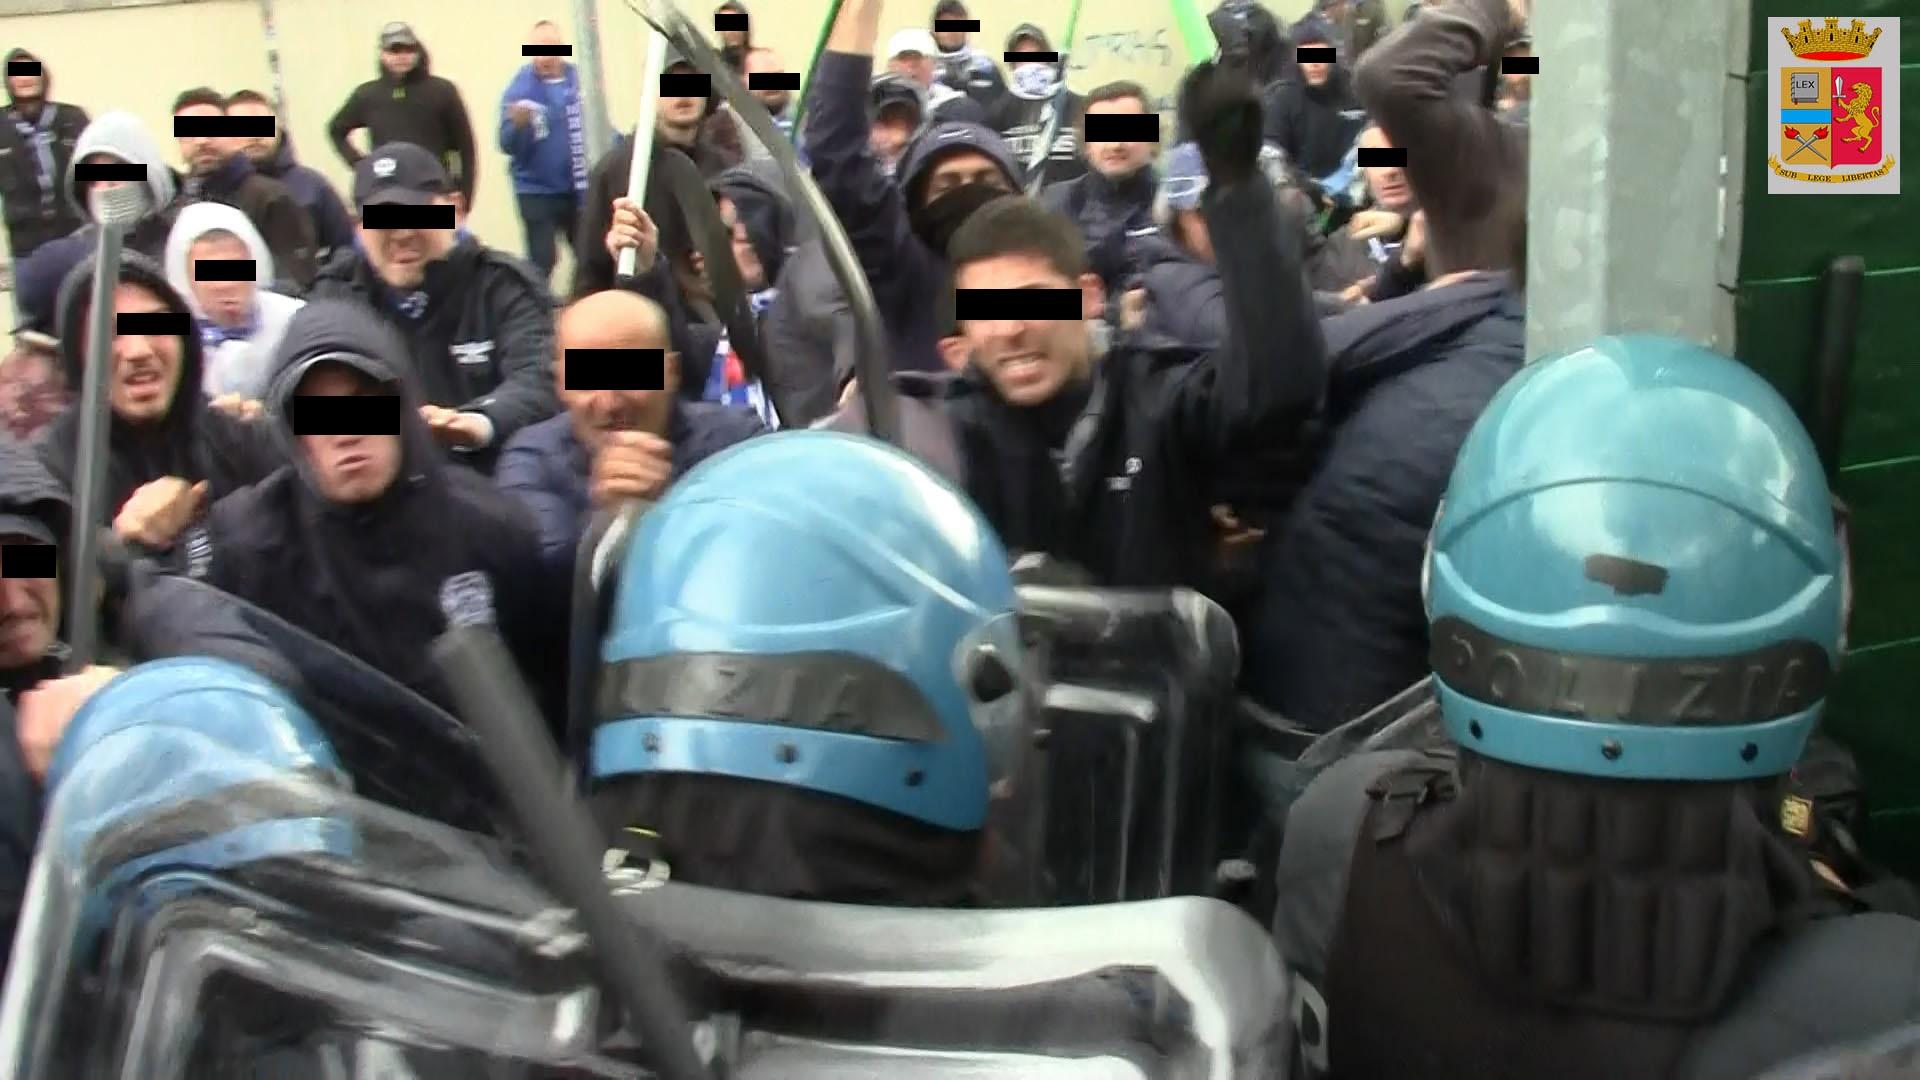 Vicenza polizia di stato denuncia 25 persone per gli for Questura di vicenza permesso di soggiorno